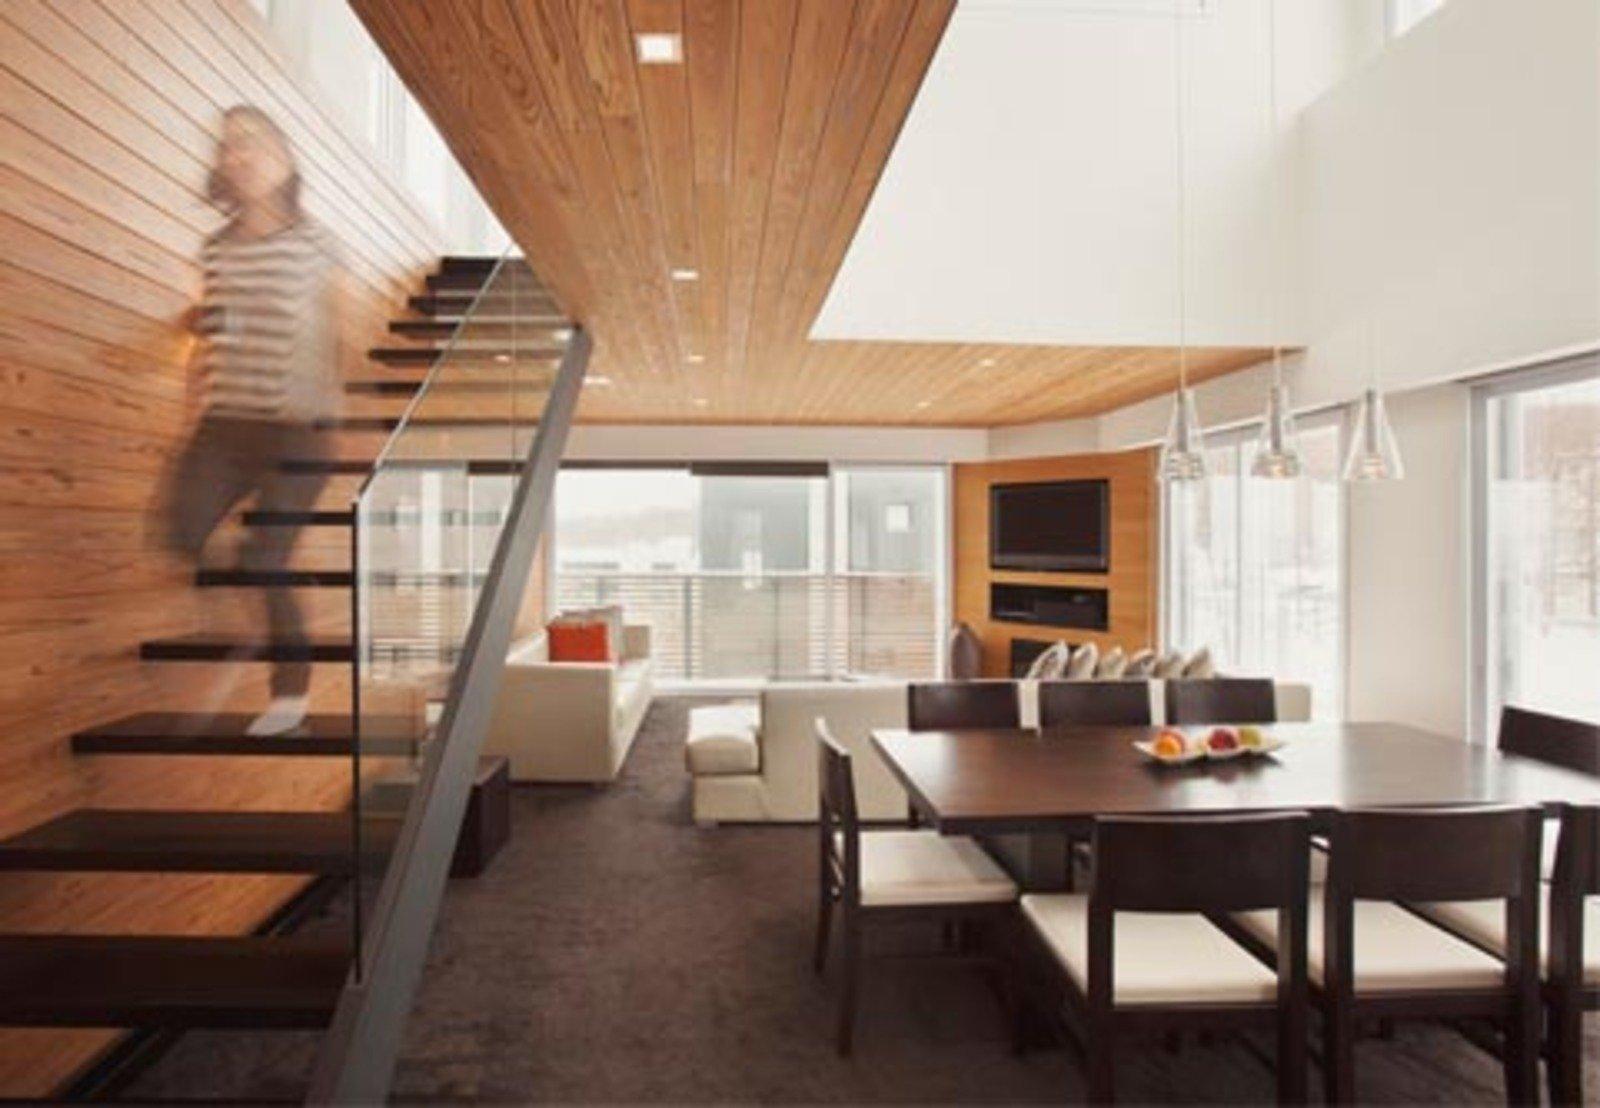 Setsumon 3 bdr penthouse large